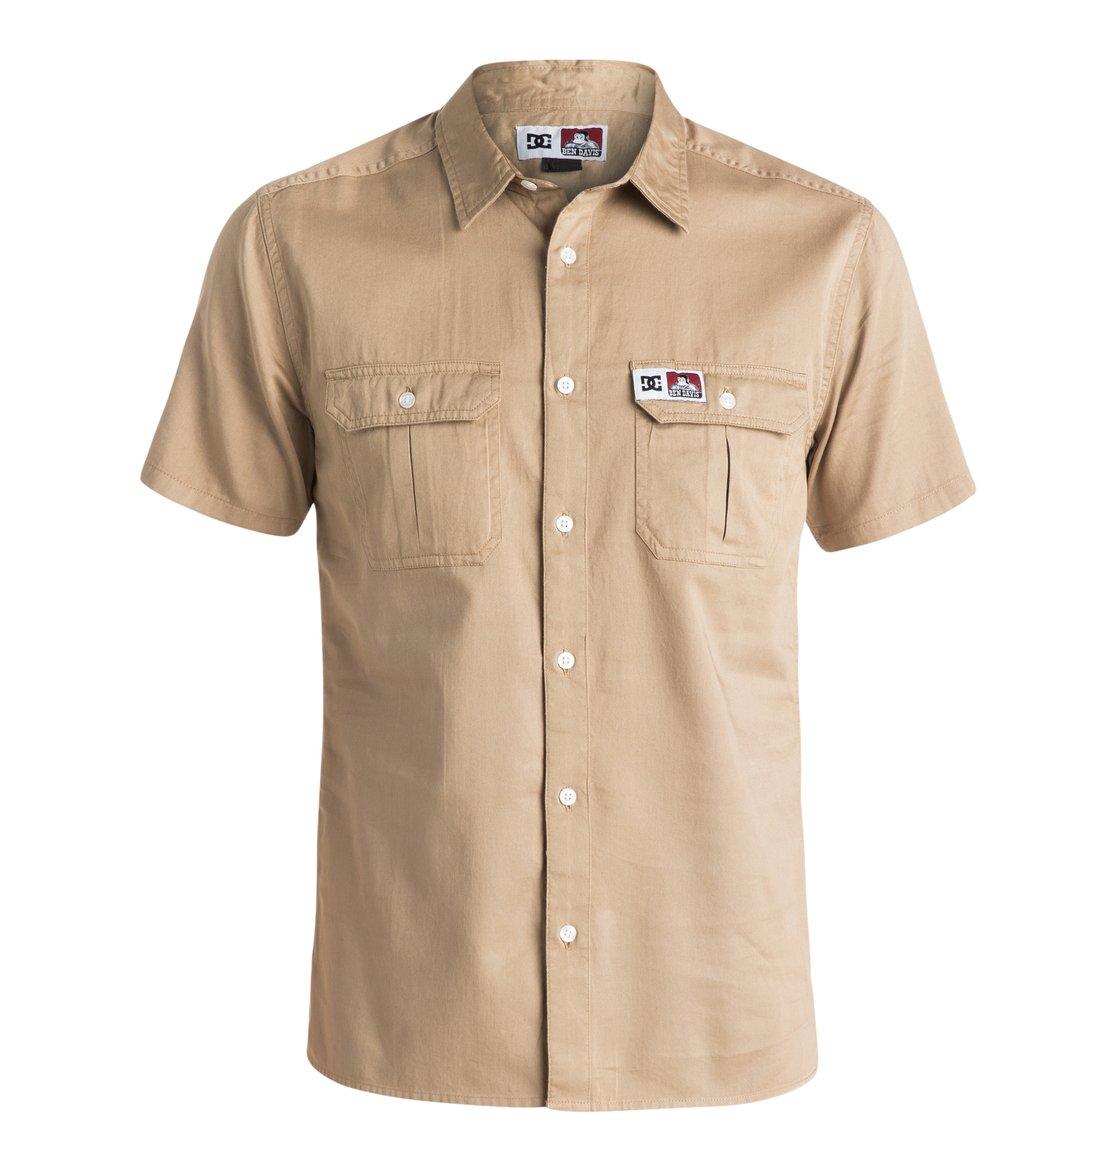 Ben Davis Shirt Short Sleeve Shirt